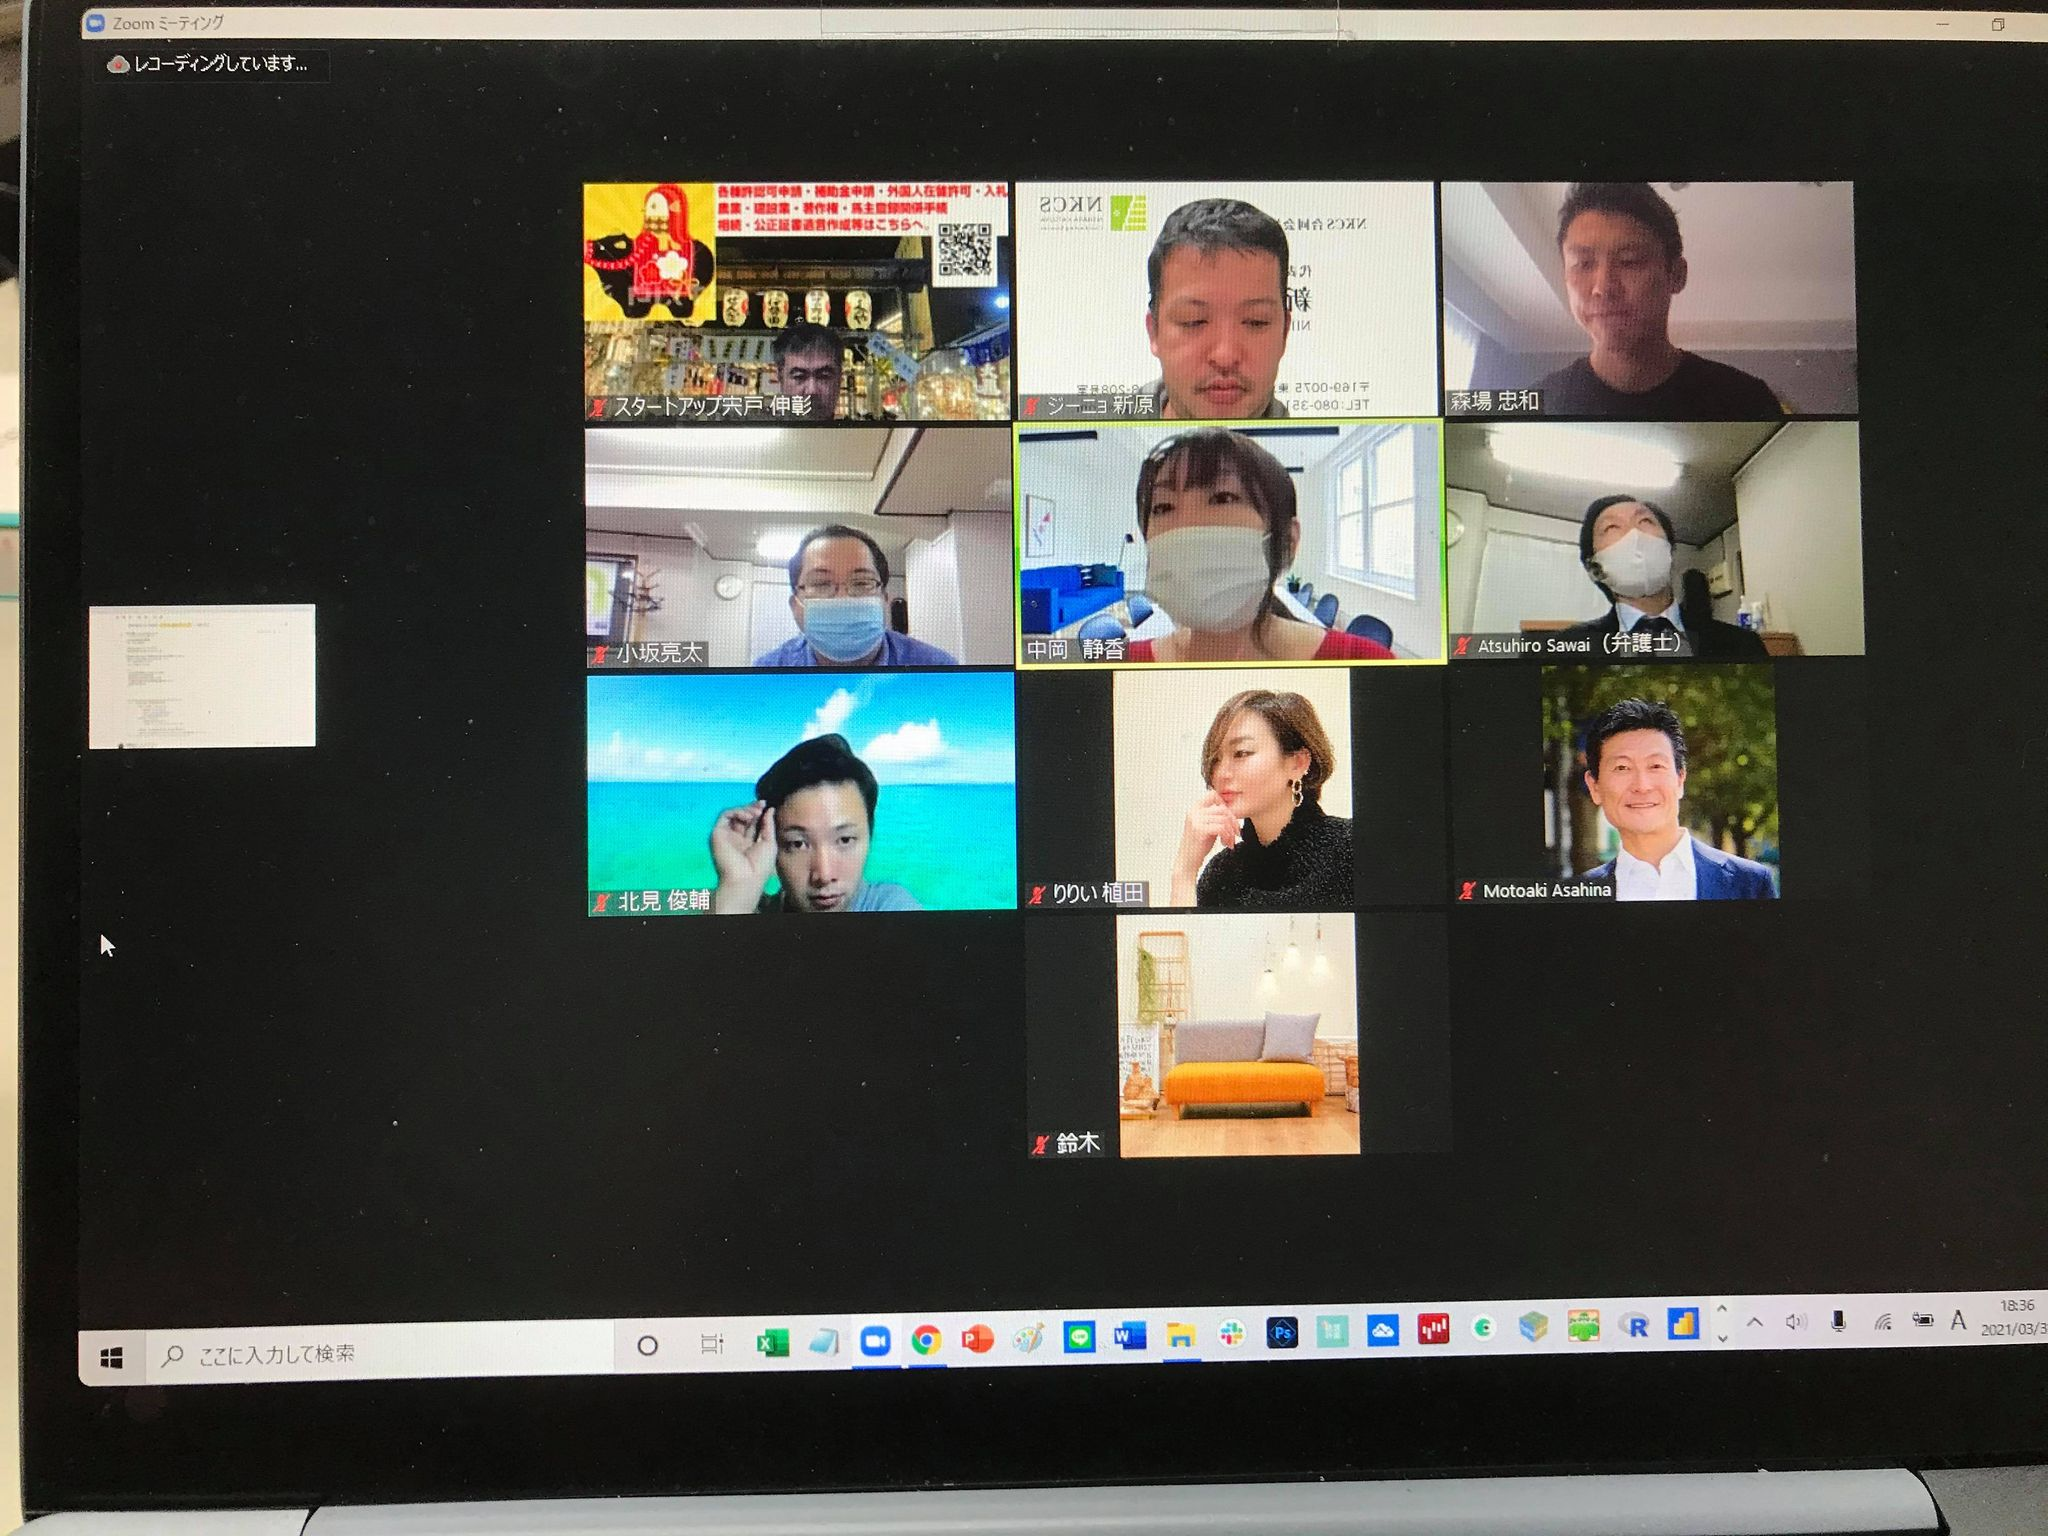 3月31日(水)18:00~ 【NKCS士業向け】営業・チーム構築勉強会 Vol.2を開催しました